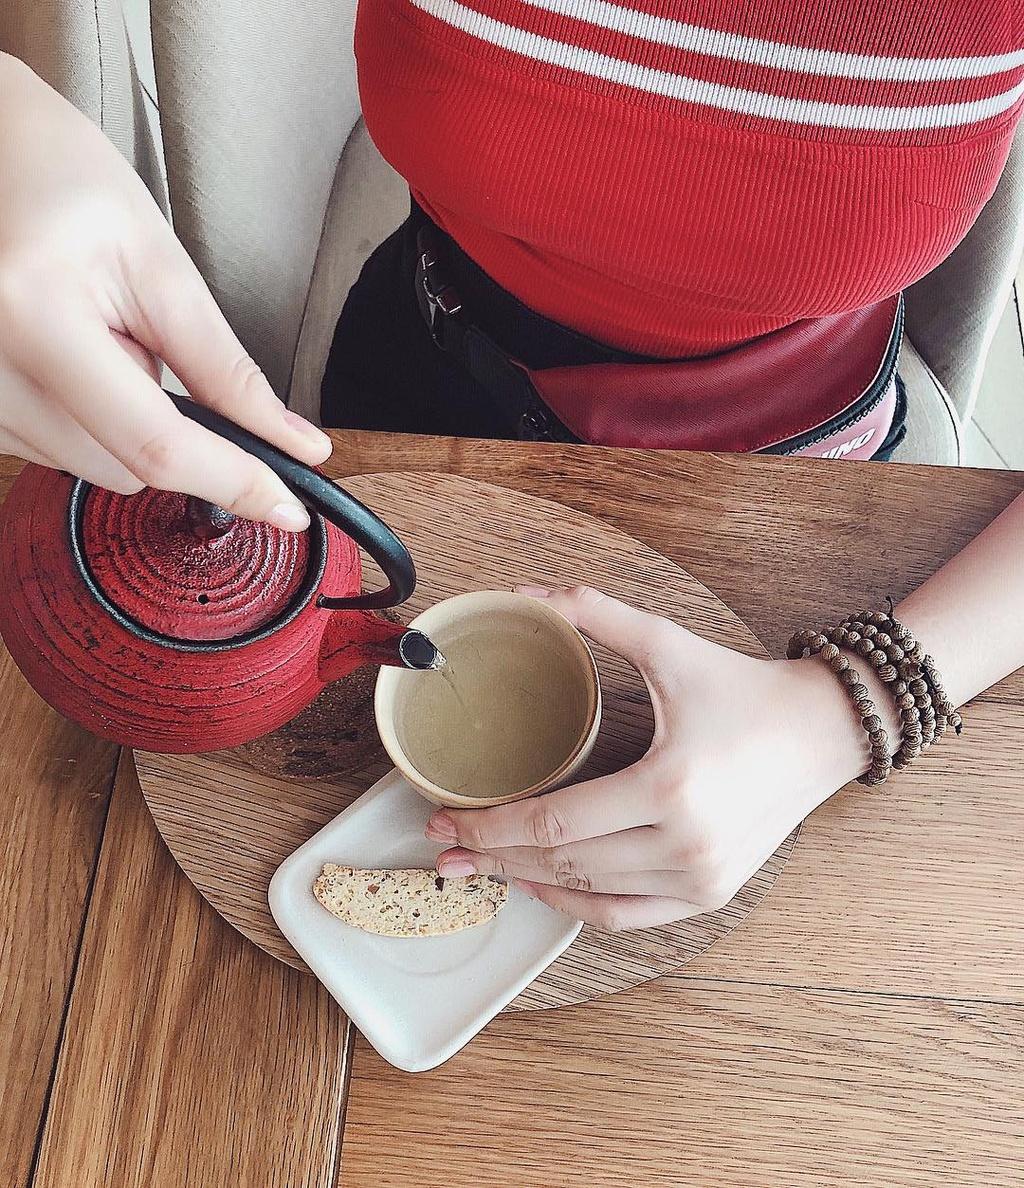 Muon van mon chay ngon mieng giu dang dep nhu Angela Phuong Trinh hinh anh 18